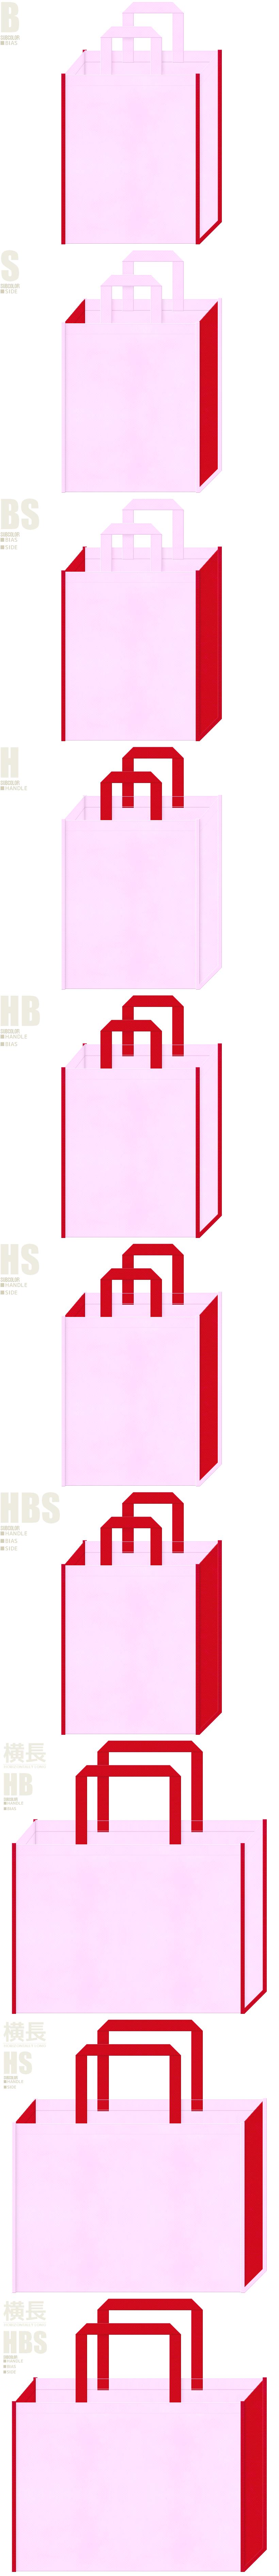 いちご大福・バレンタイン・ひな祭り・カーネーション・母の日・お正月・和風催事にお奨めの不織布バッグデザイン:パステルピンク色と紅色の配色7パターン。